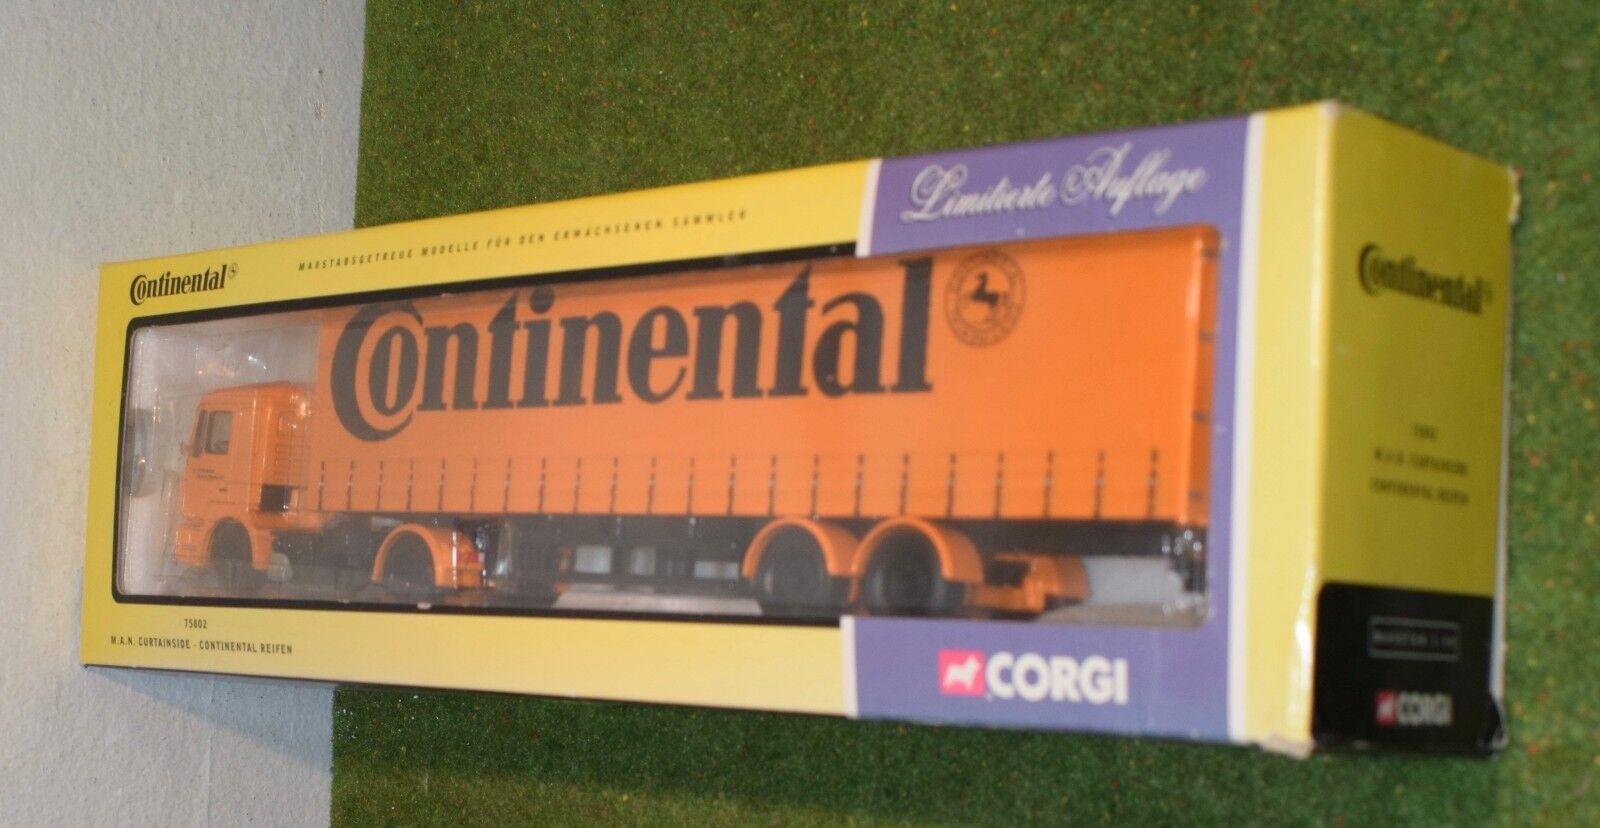 tienda de bajo costo Die cast cast cast corgi 75805 mA. N. Curtainside continental Reifen escala 1 50  comprar nuevo barato